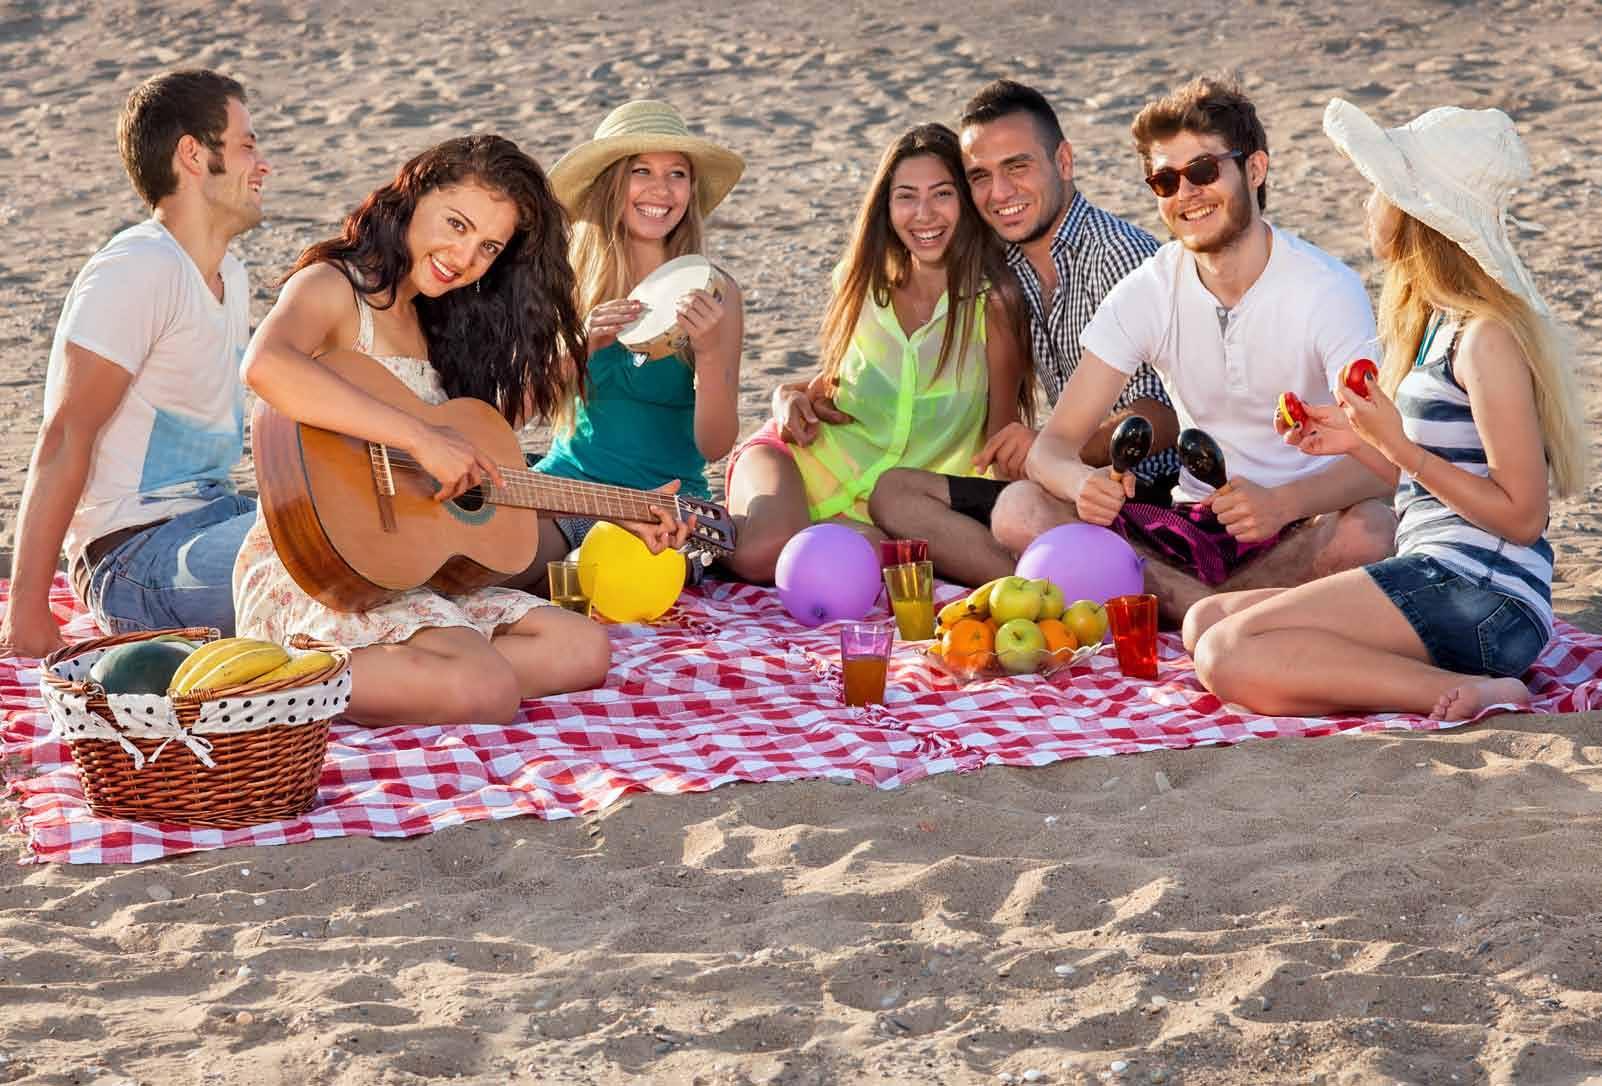 Студенты на пляжу 20 фотография